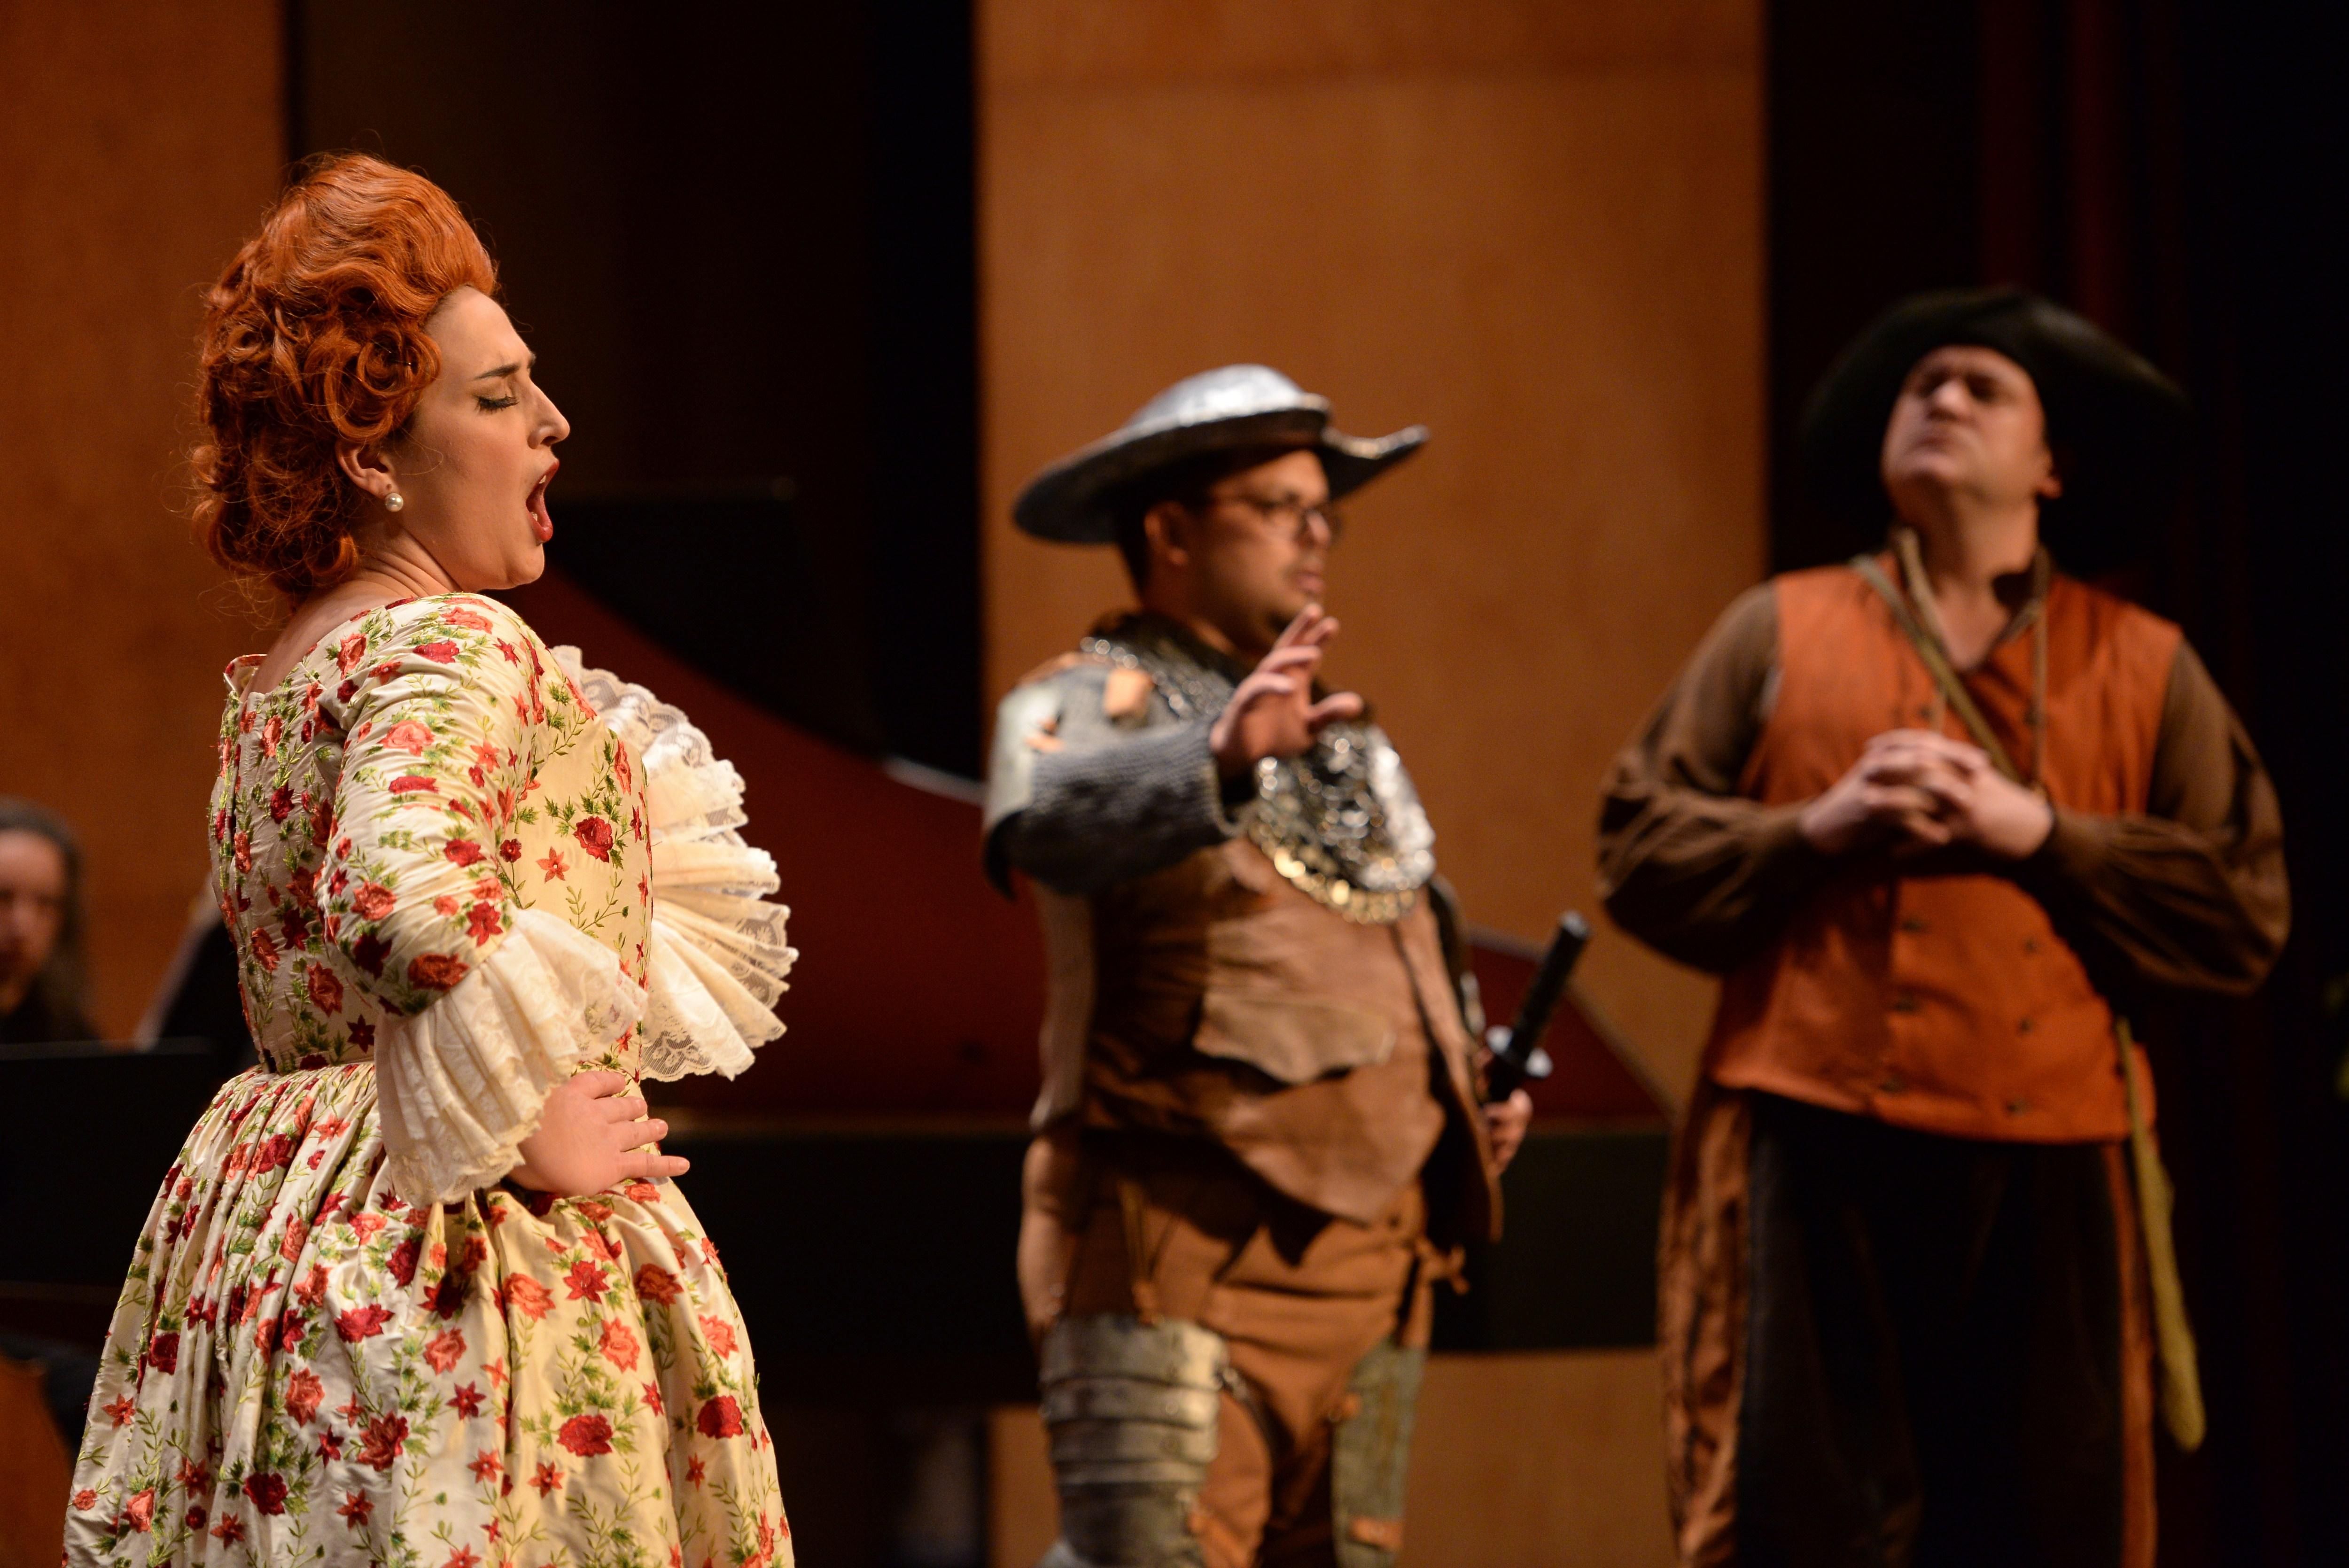 Don Quijote en la casa de la Duquesa de Boismortier en el Palacio de Bellas Artes de México. Foto: FIC